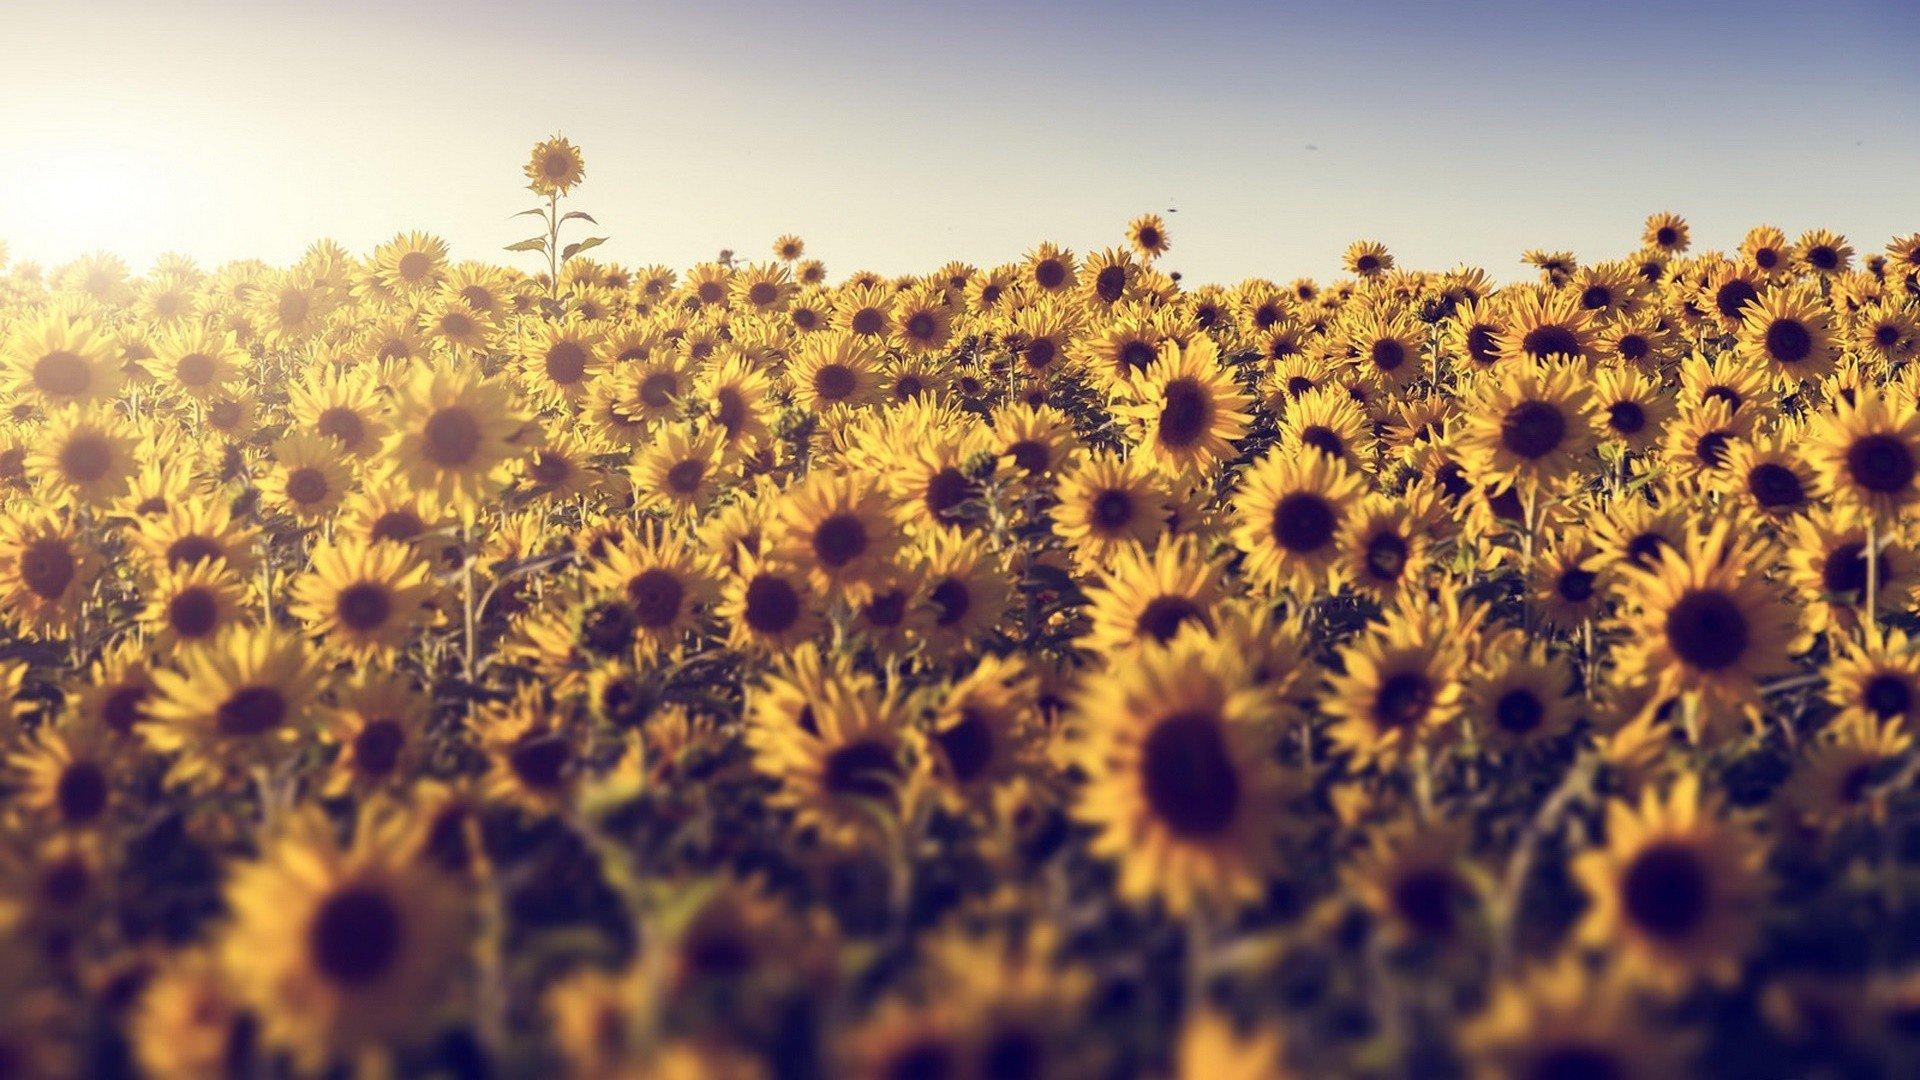 468436 field flowers sunlight sunflowers